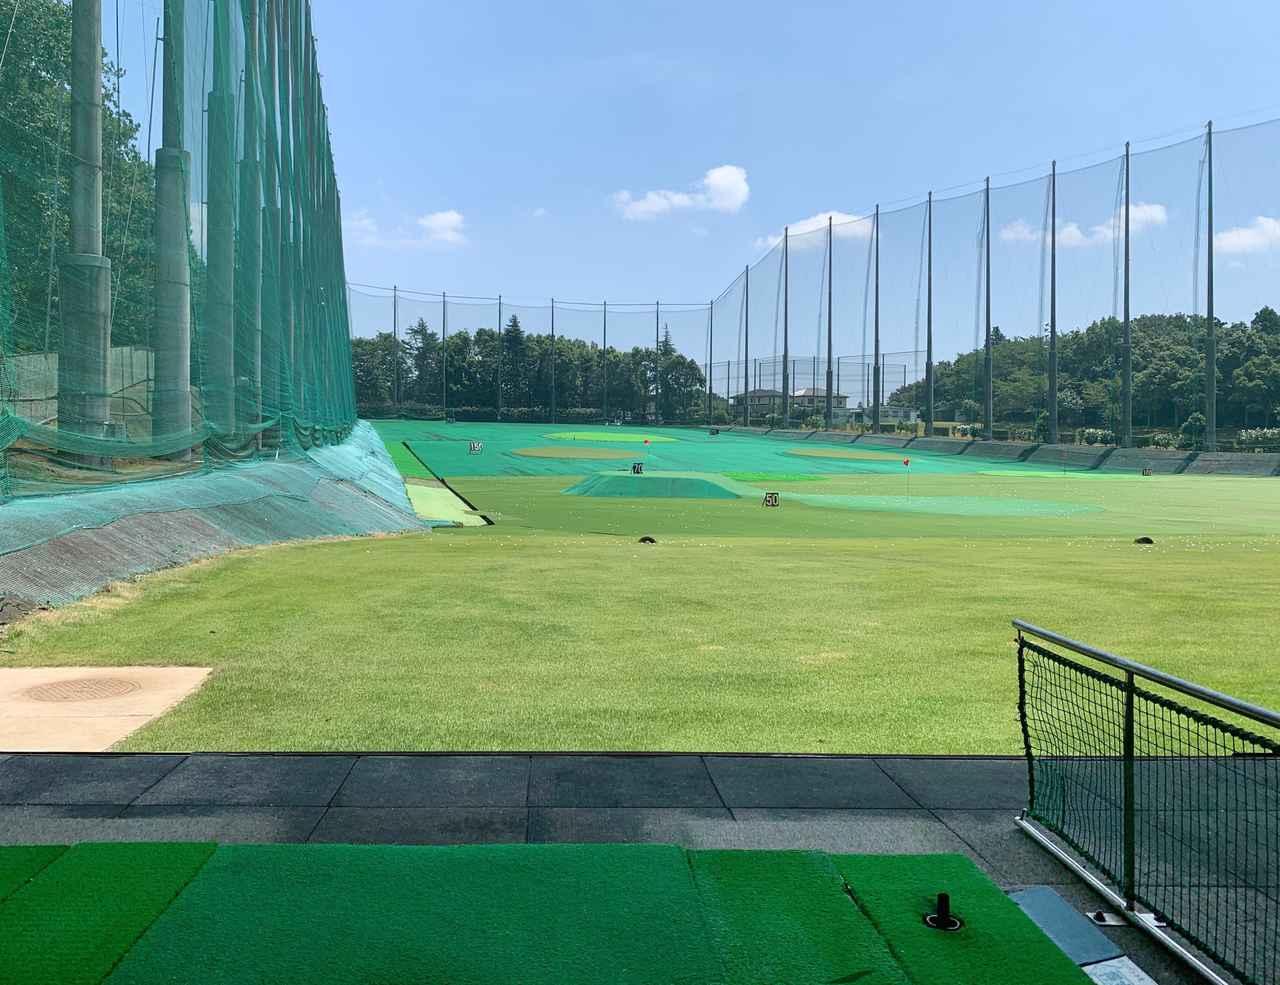 画像: ドロー系の弾道を持ち球にするならセンターよりも左打席からターゲットを狙う練習で、持ち球を磨くことにつながる